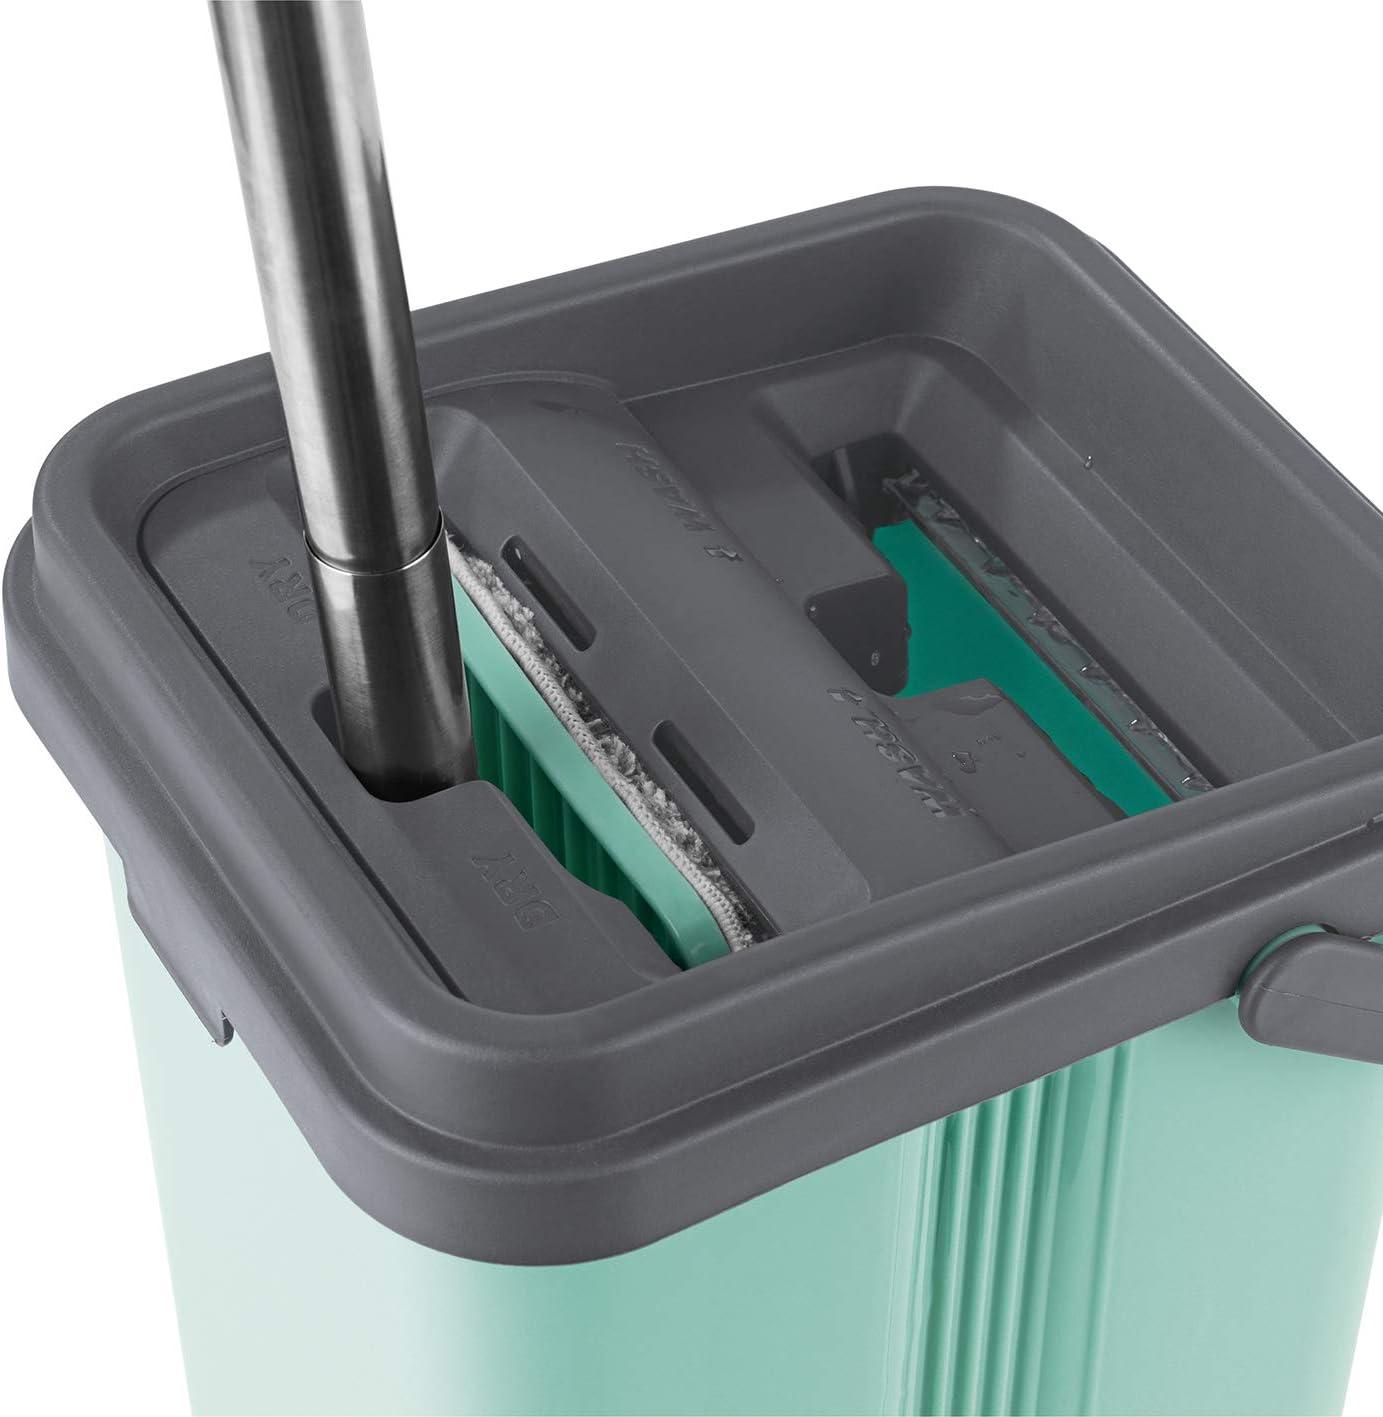 2 chiffons en microfibre inclus seau avec syst/ème /à 2 chambres pour le s/échage et lhumidification CLEANmaxx mop confort compact avec fonction dessorage int/égr/ée